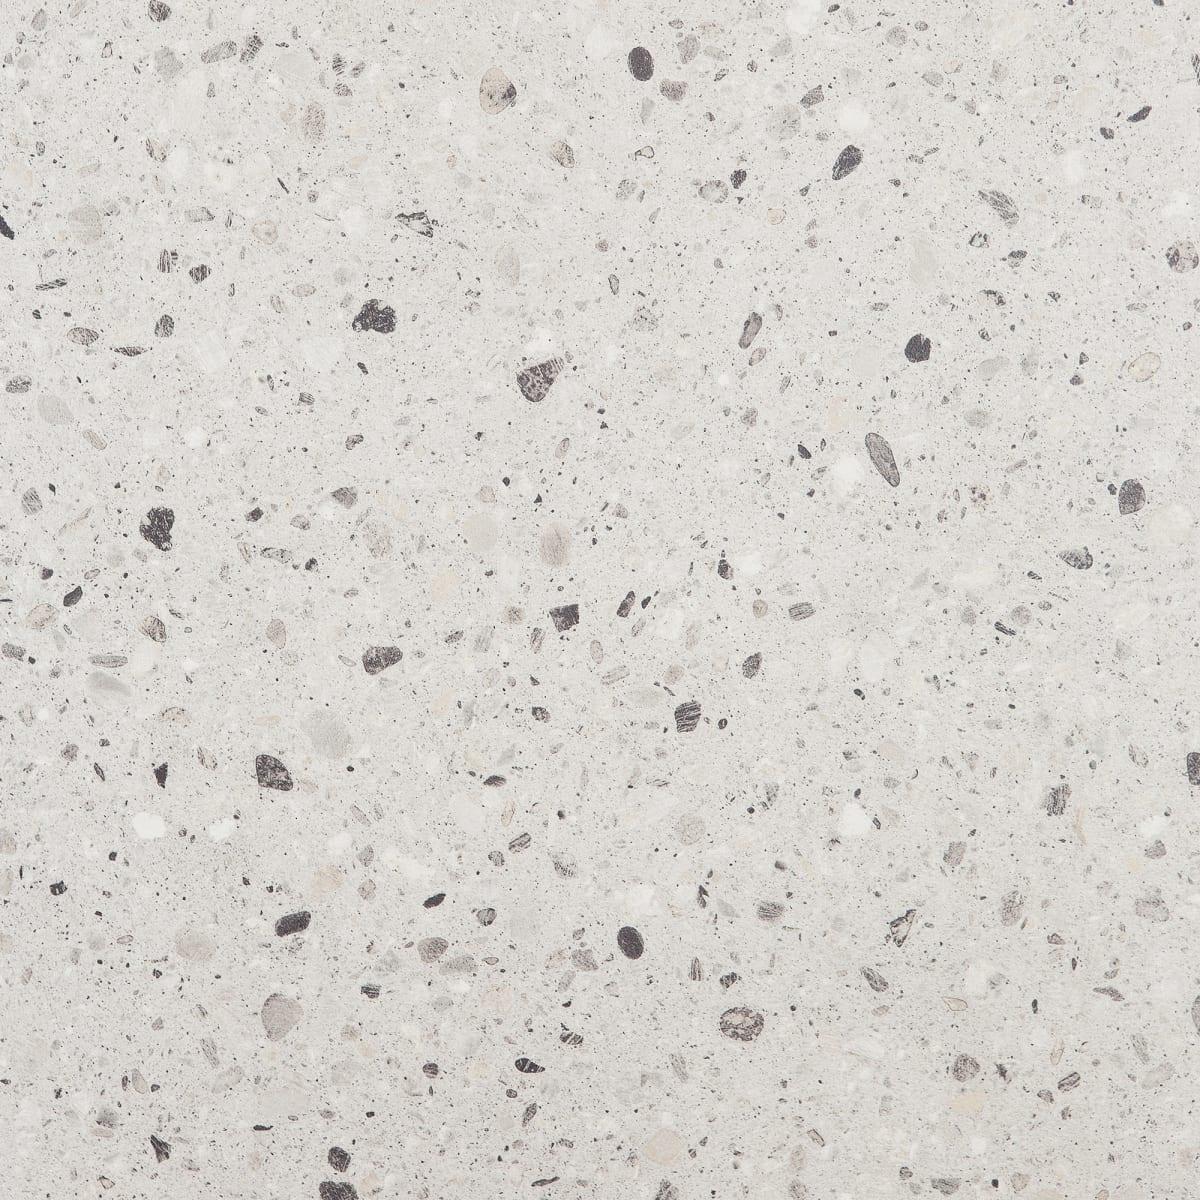 Стеновая панель «Рашблю», 240х0.6х65 см, ДСП, цвет серый